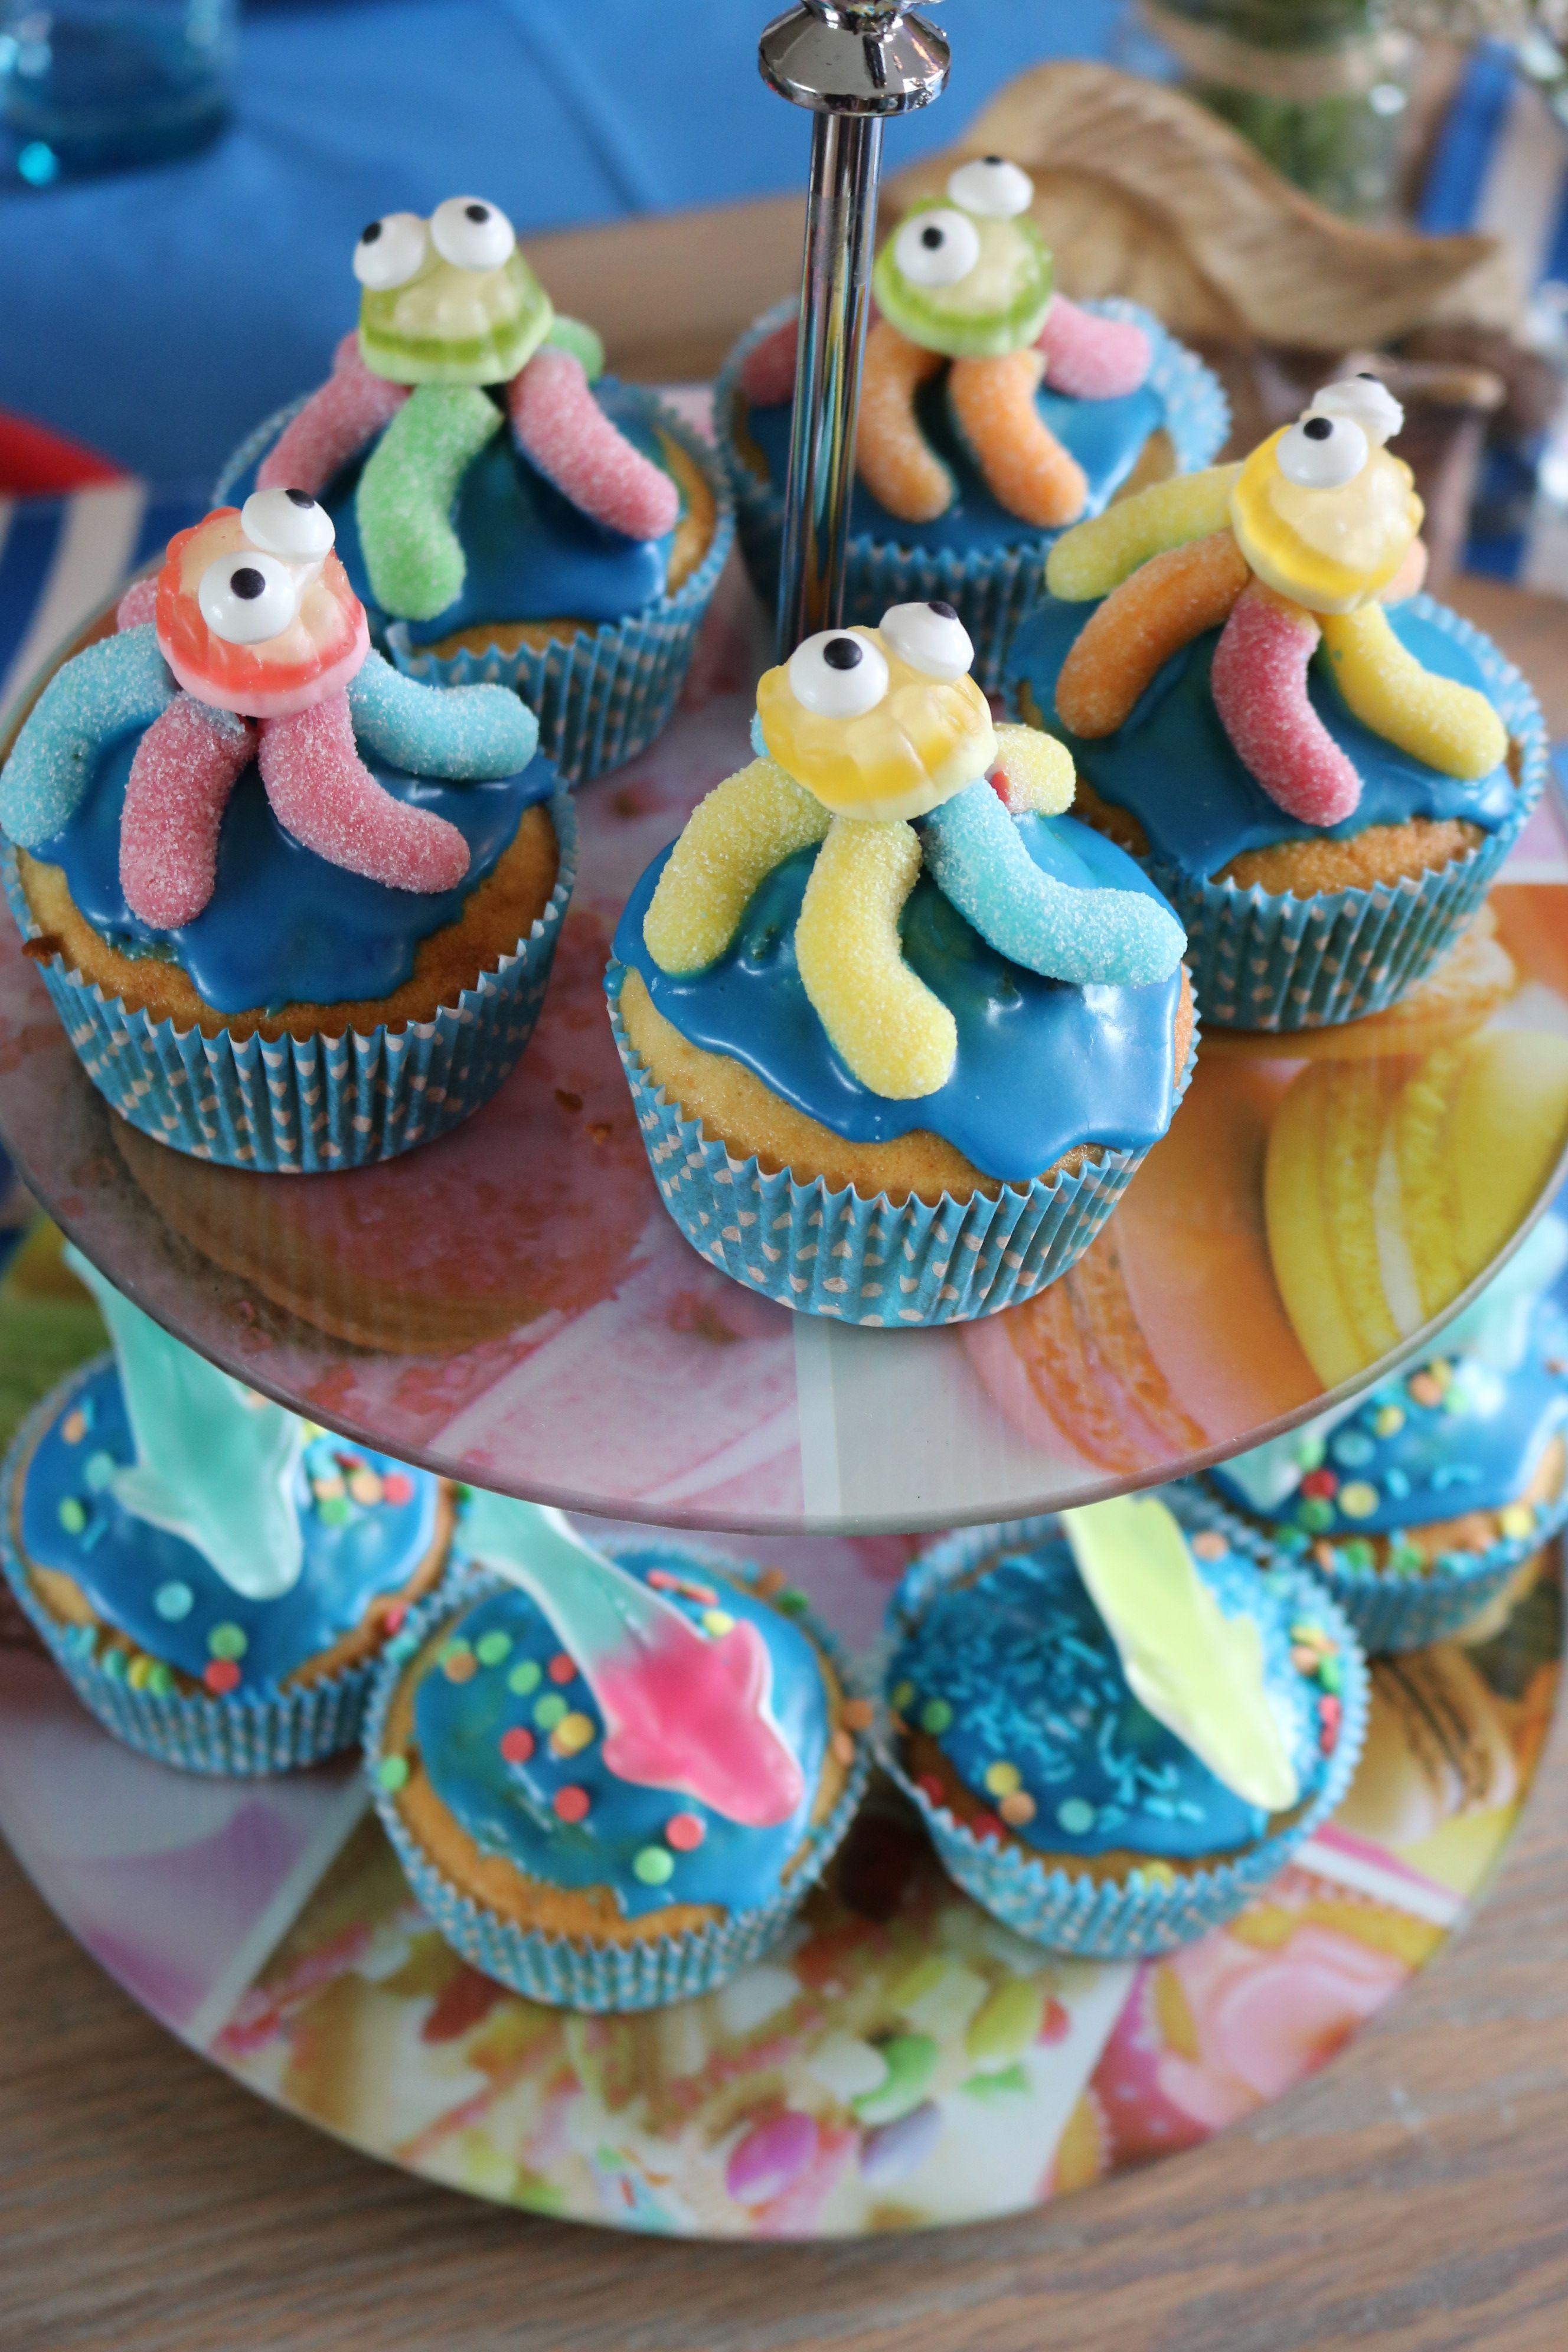 Geburtstagskuchen, Kinder Muffins Kraken 1. Geburtstag   Kinder muffins, Muffins ...